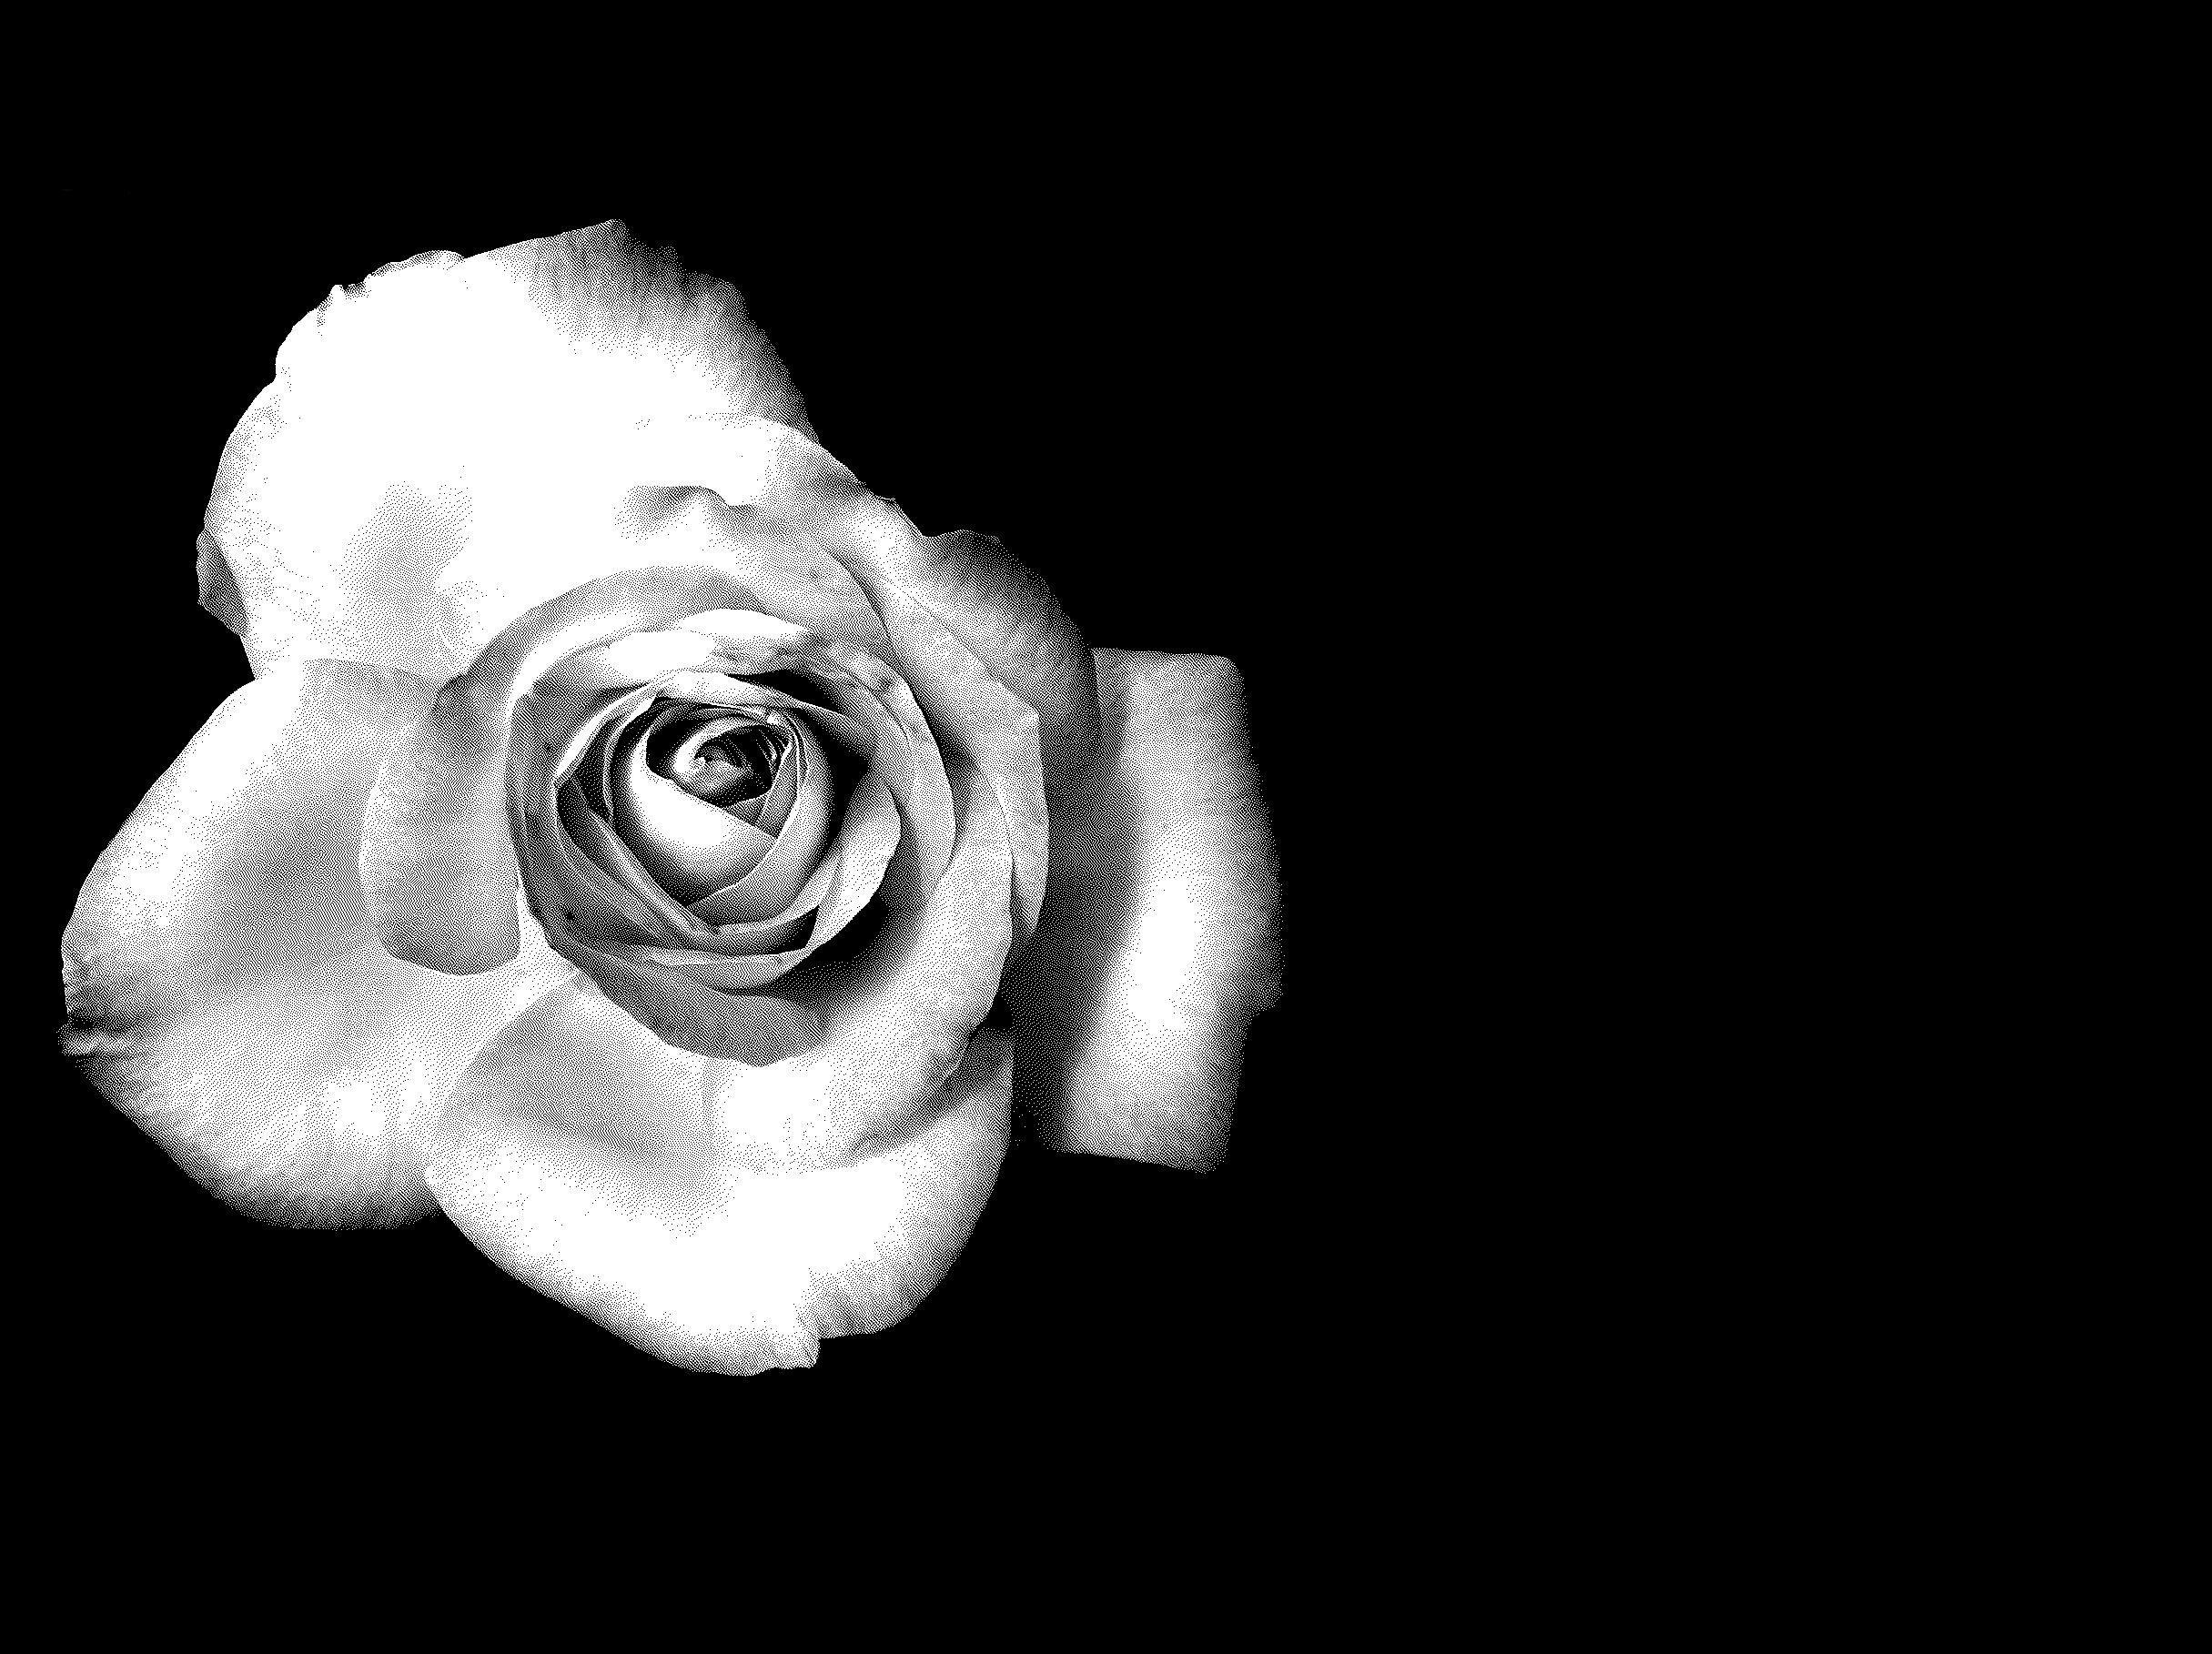 White Rose Black And White Roses Black Wallpapers Tumblr White Roses Wallpaper